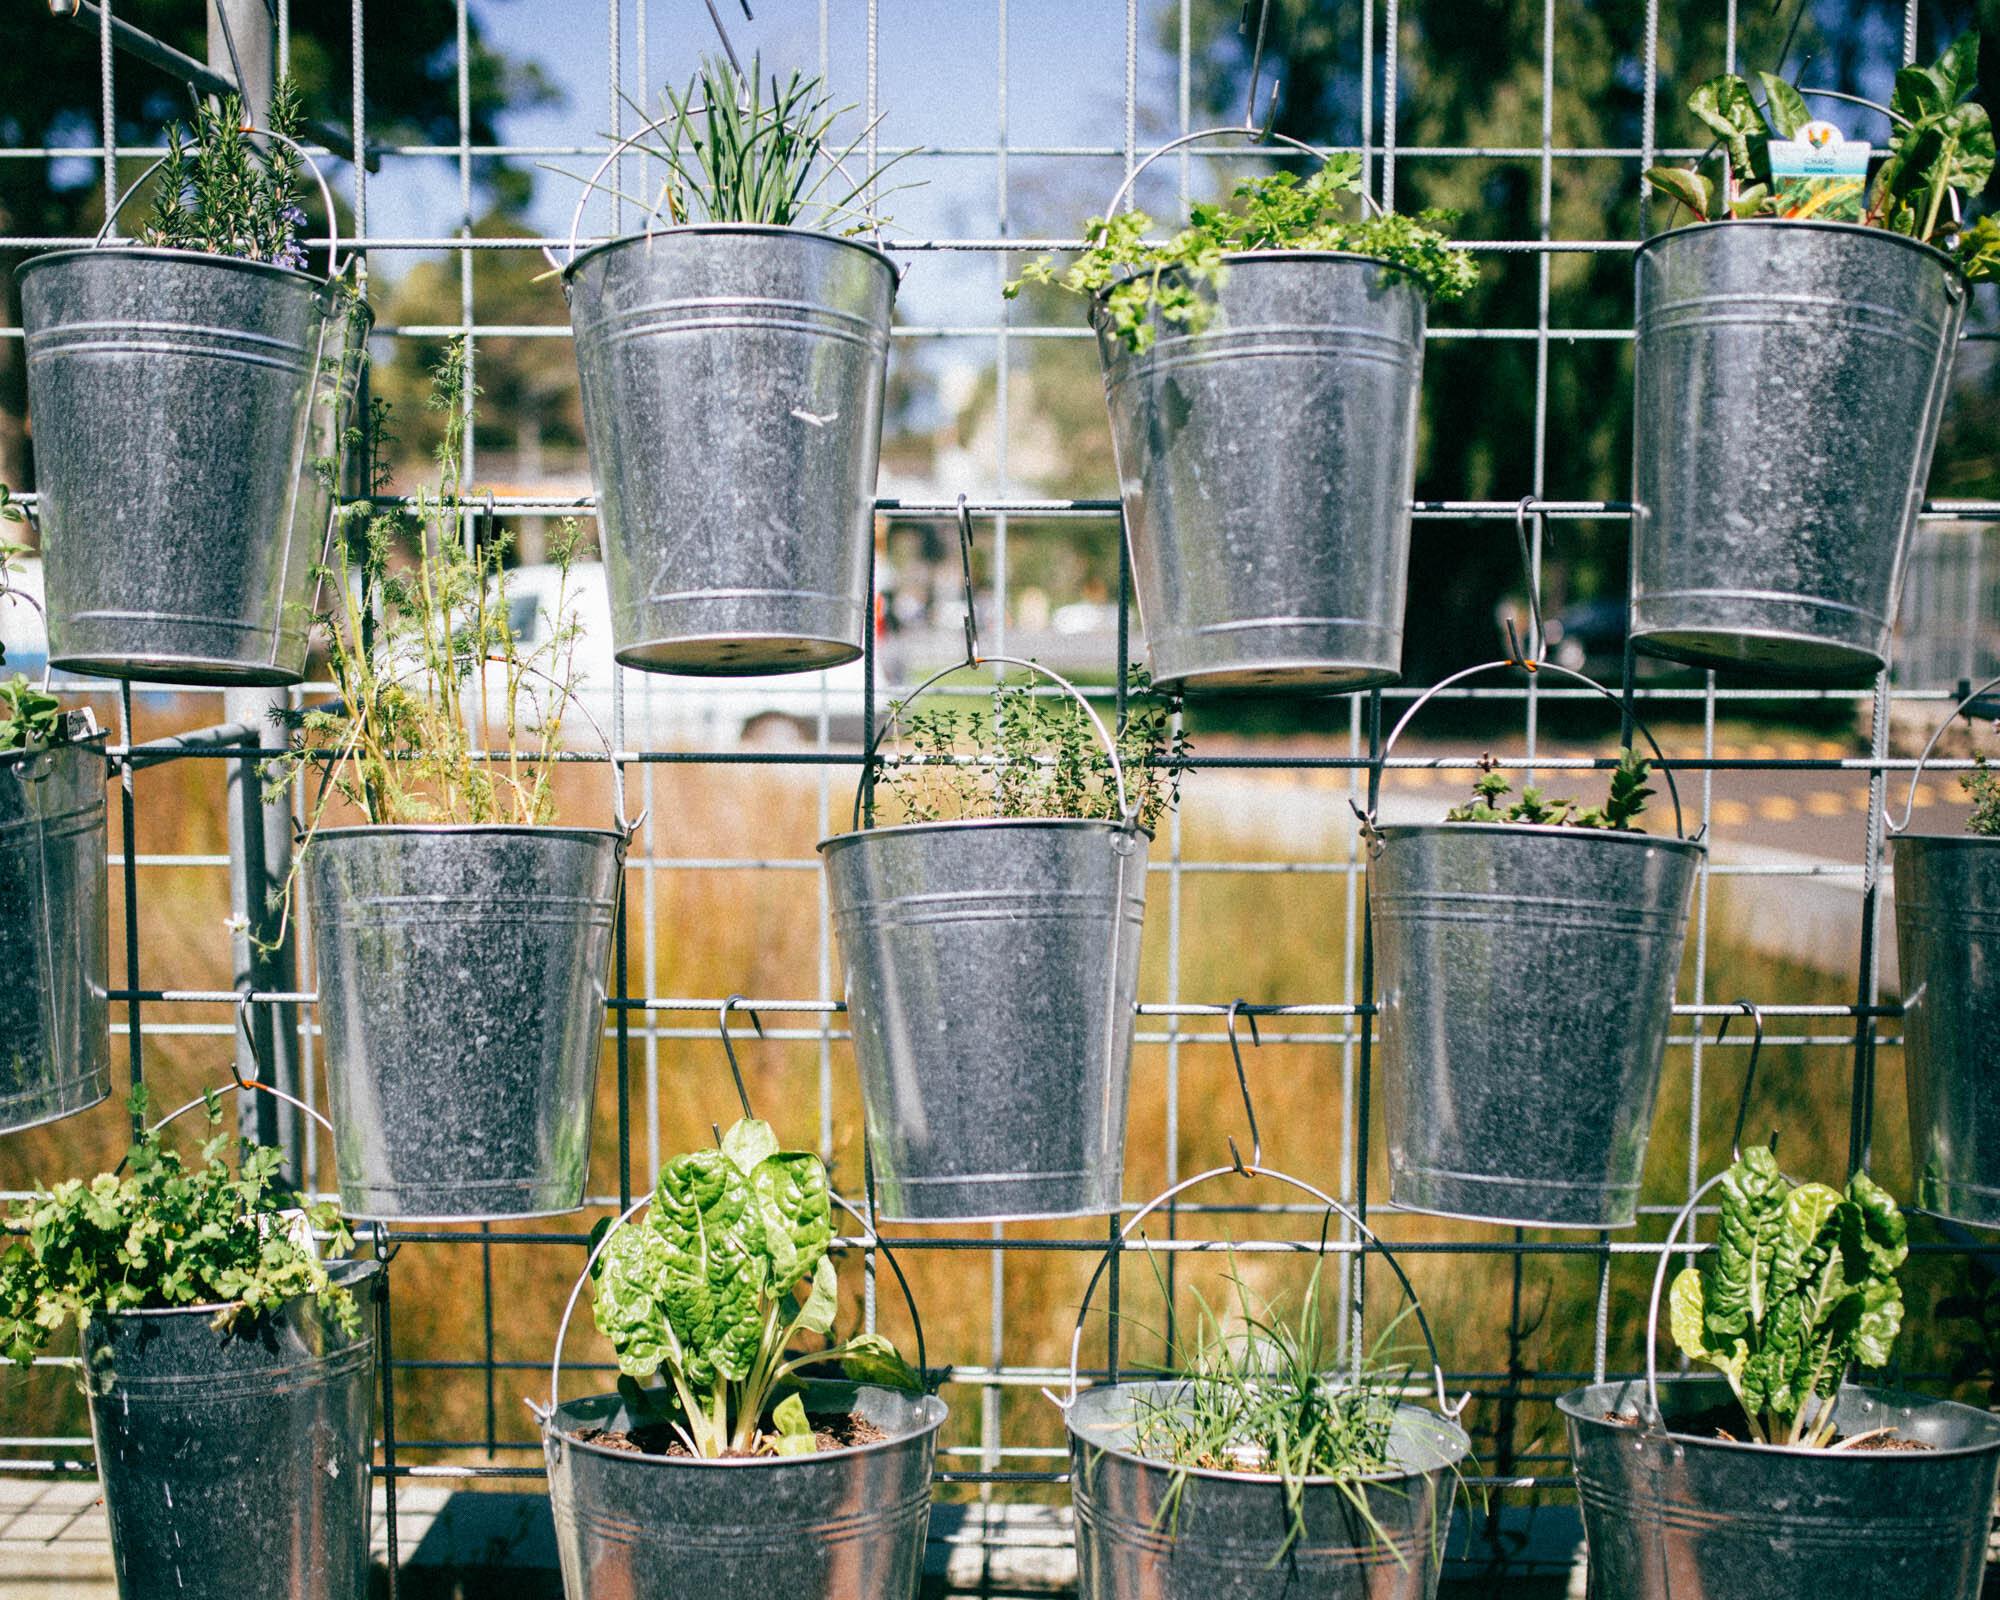 Community Herb Garden